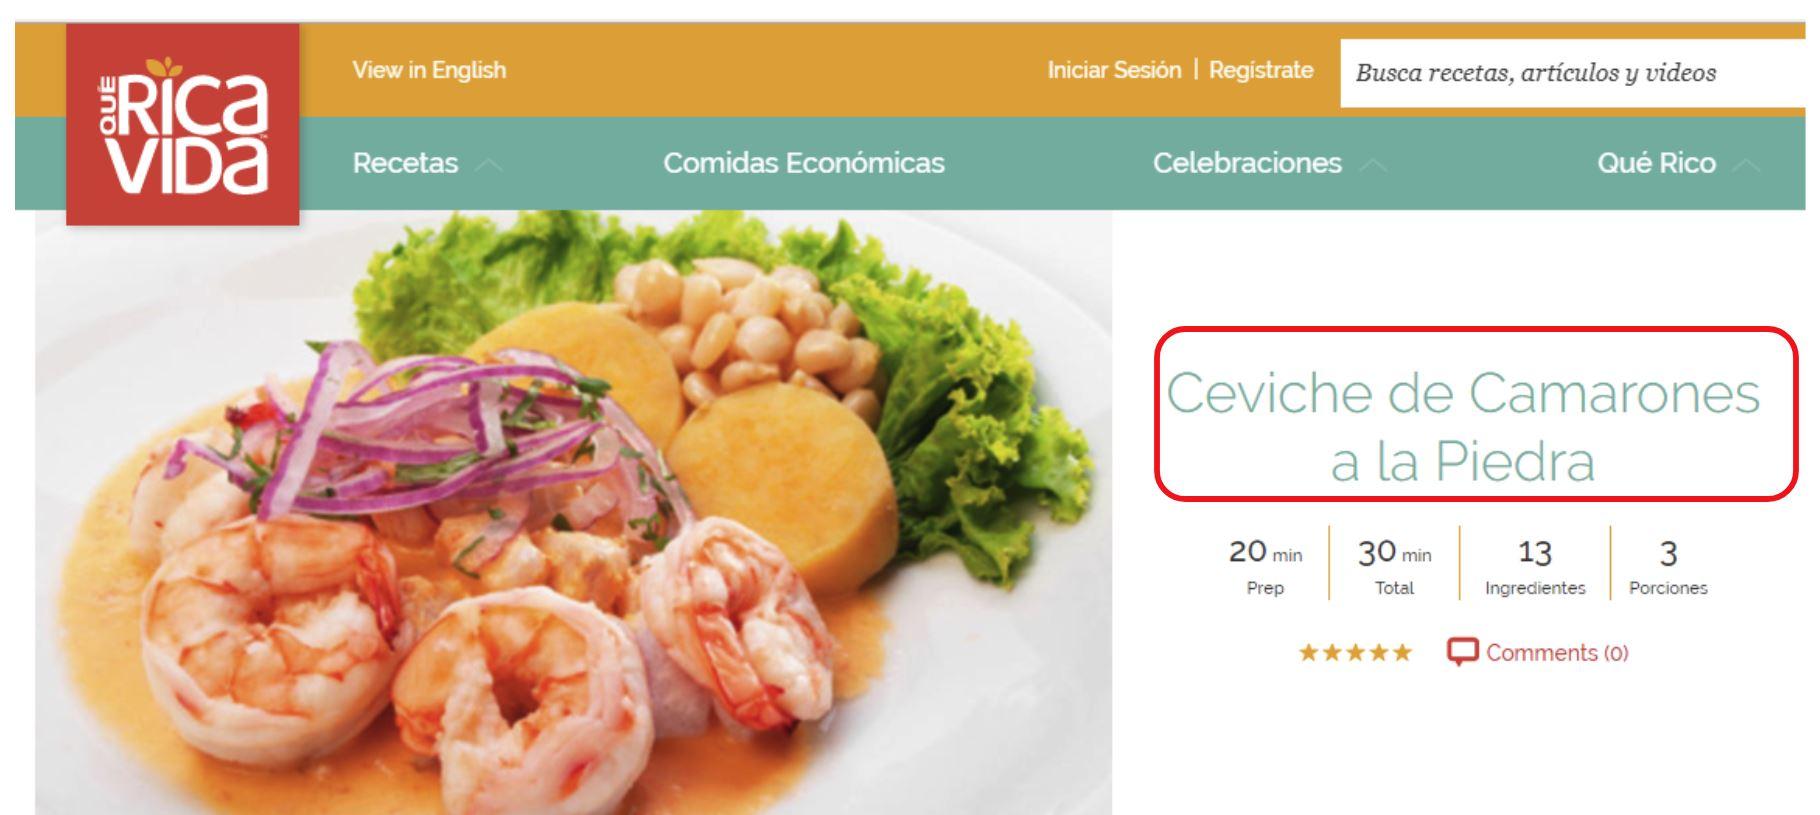 ceviche peruano camaron contexto contenido